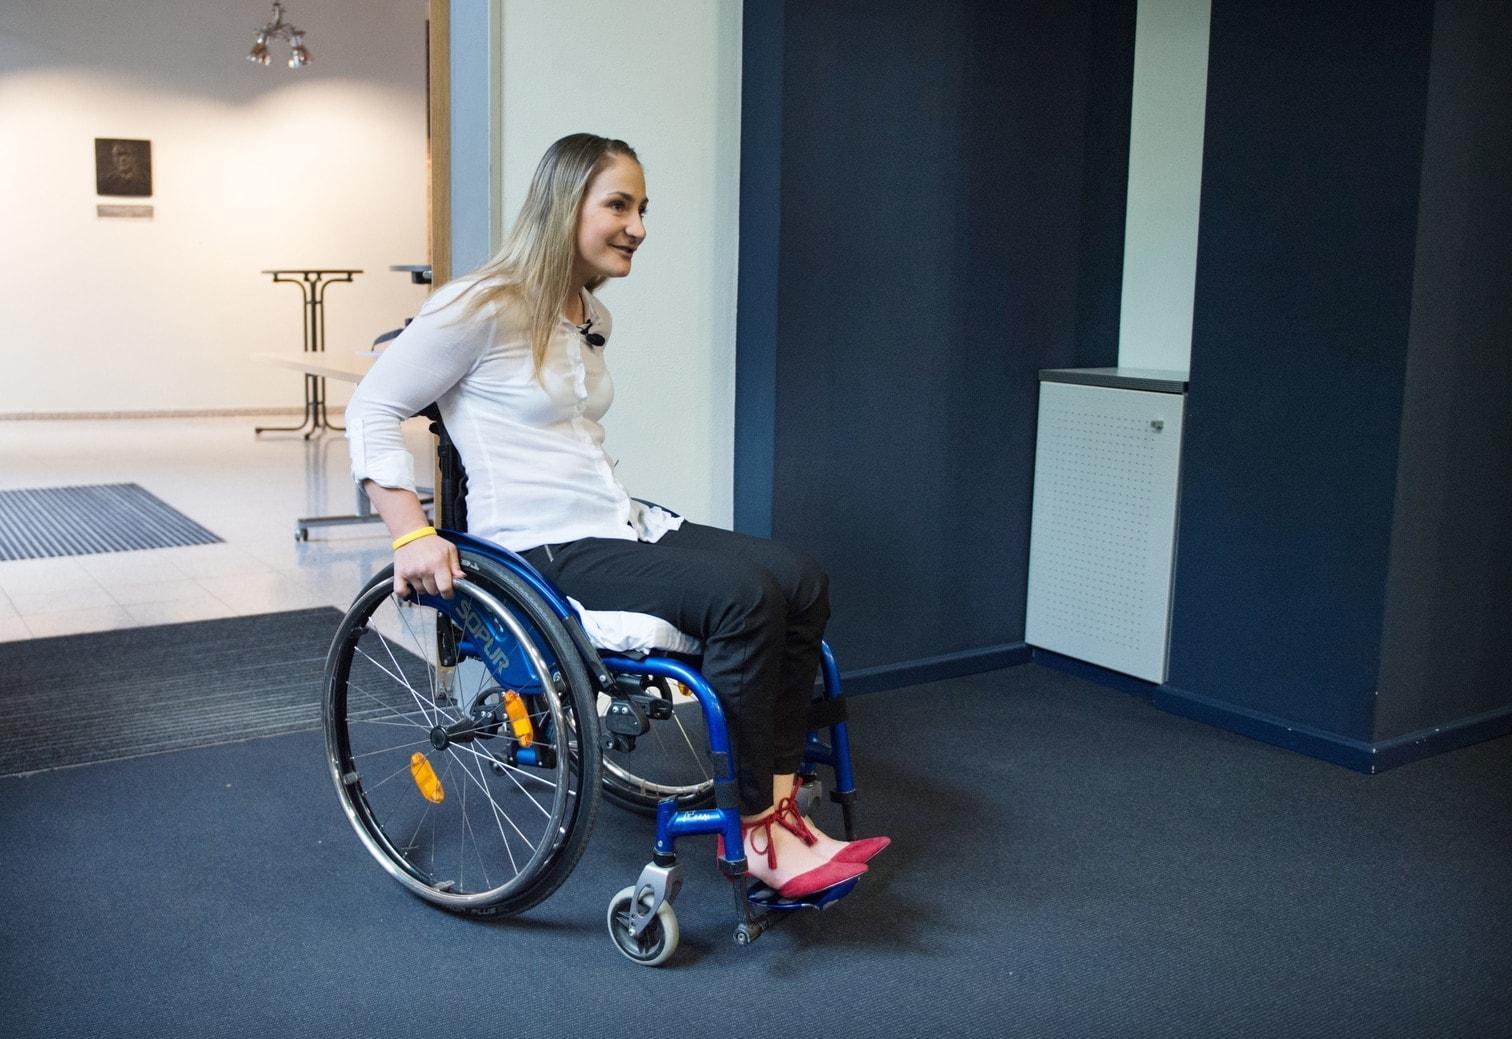 <p>Die querschnittsgelähmte Radsport-Olympiasiegerin Kristina Vogel hat sich bei ihrem ersten öffentlichen Auftritt nach ihrem schlimmen Unfall von der Anteilnahme an ihrem Schicksal überwältigt gezeigt.</p> Foto: dpa